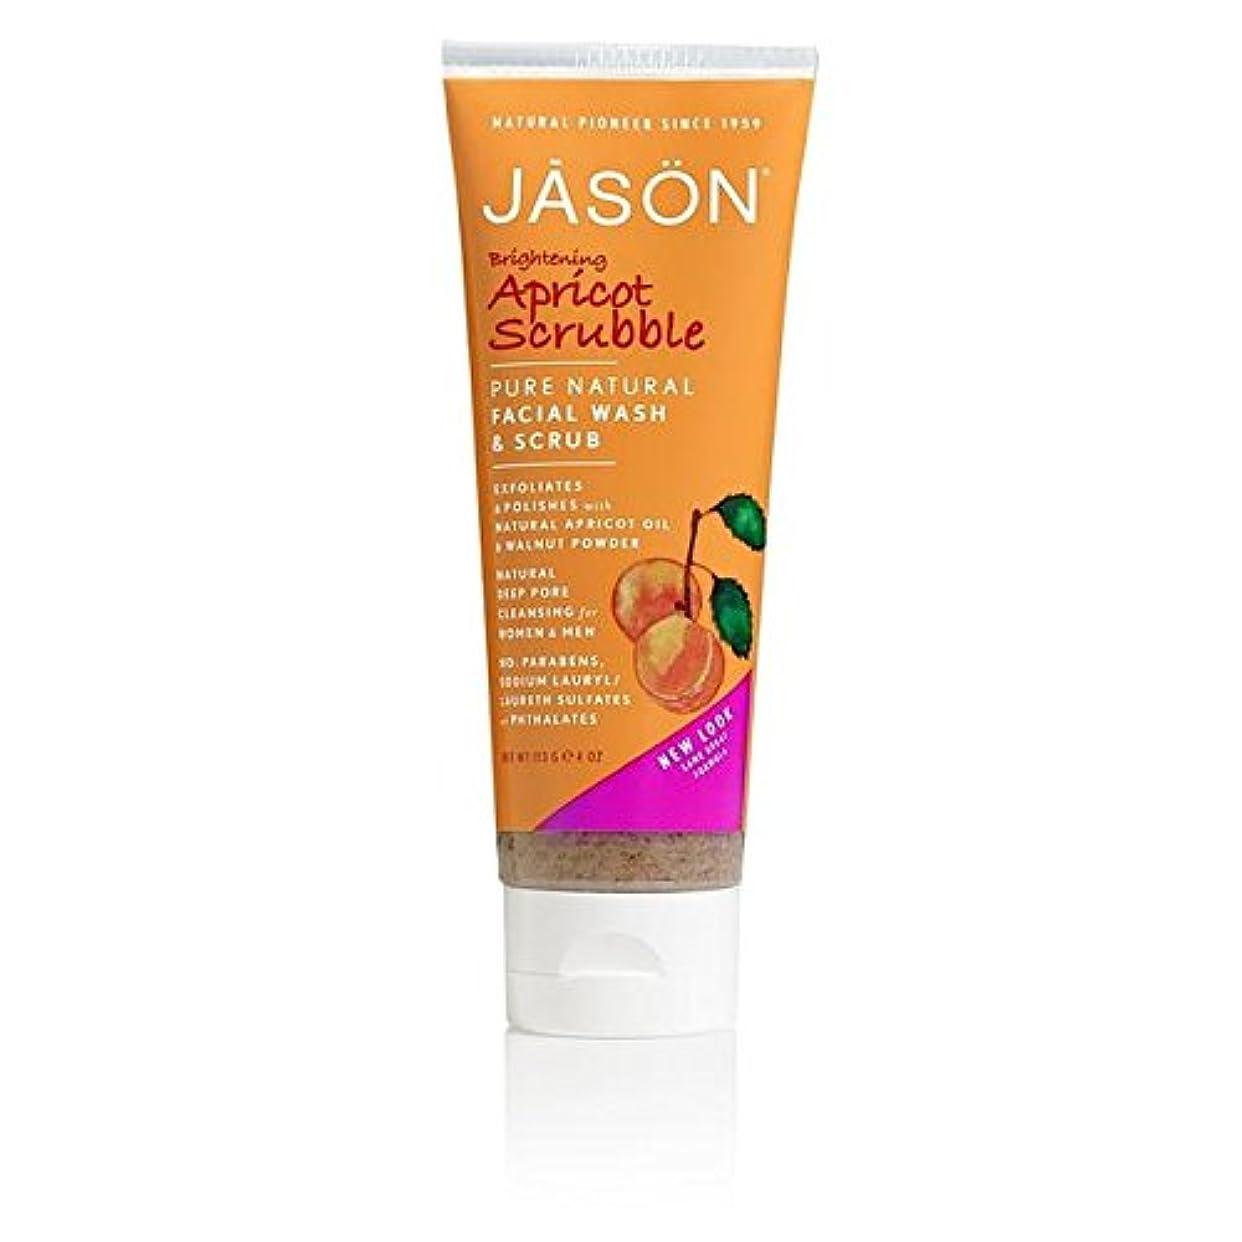 フェローシップ紳士気取りの、きざな削除するジェイソン?アプリコット洗顔&スクラブ128ミリリットル x2 - Jason Apricot Facial Wash & Scrub 128ml (Pack of 2) [並行輸入品]